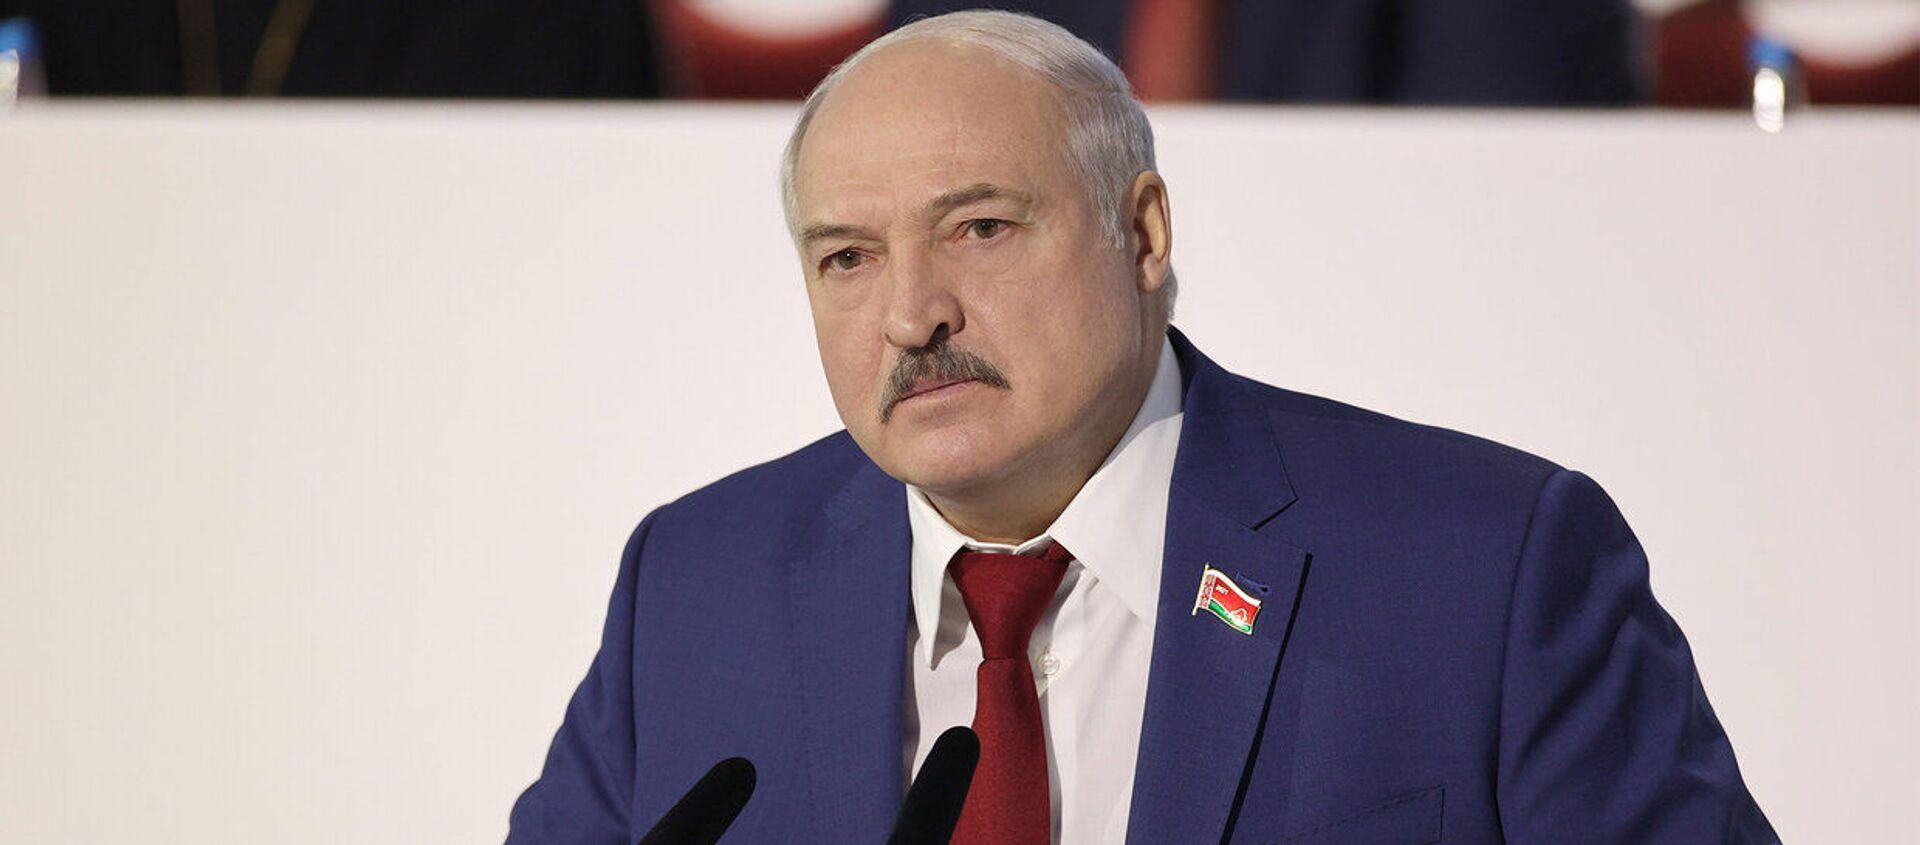 Аляксандр Лукашэнка на другі дзень УНС - Sputnik Беларусь, 1920, 12.02.2021